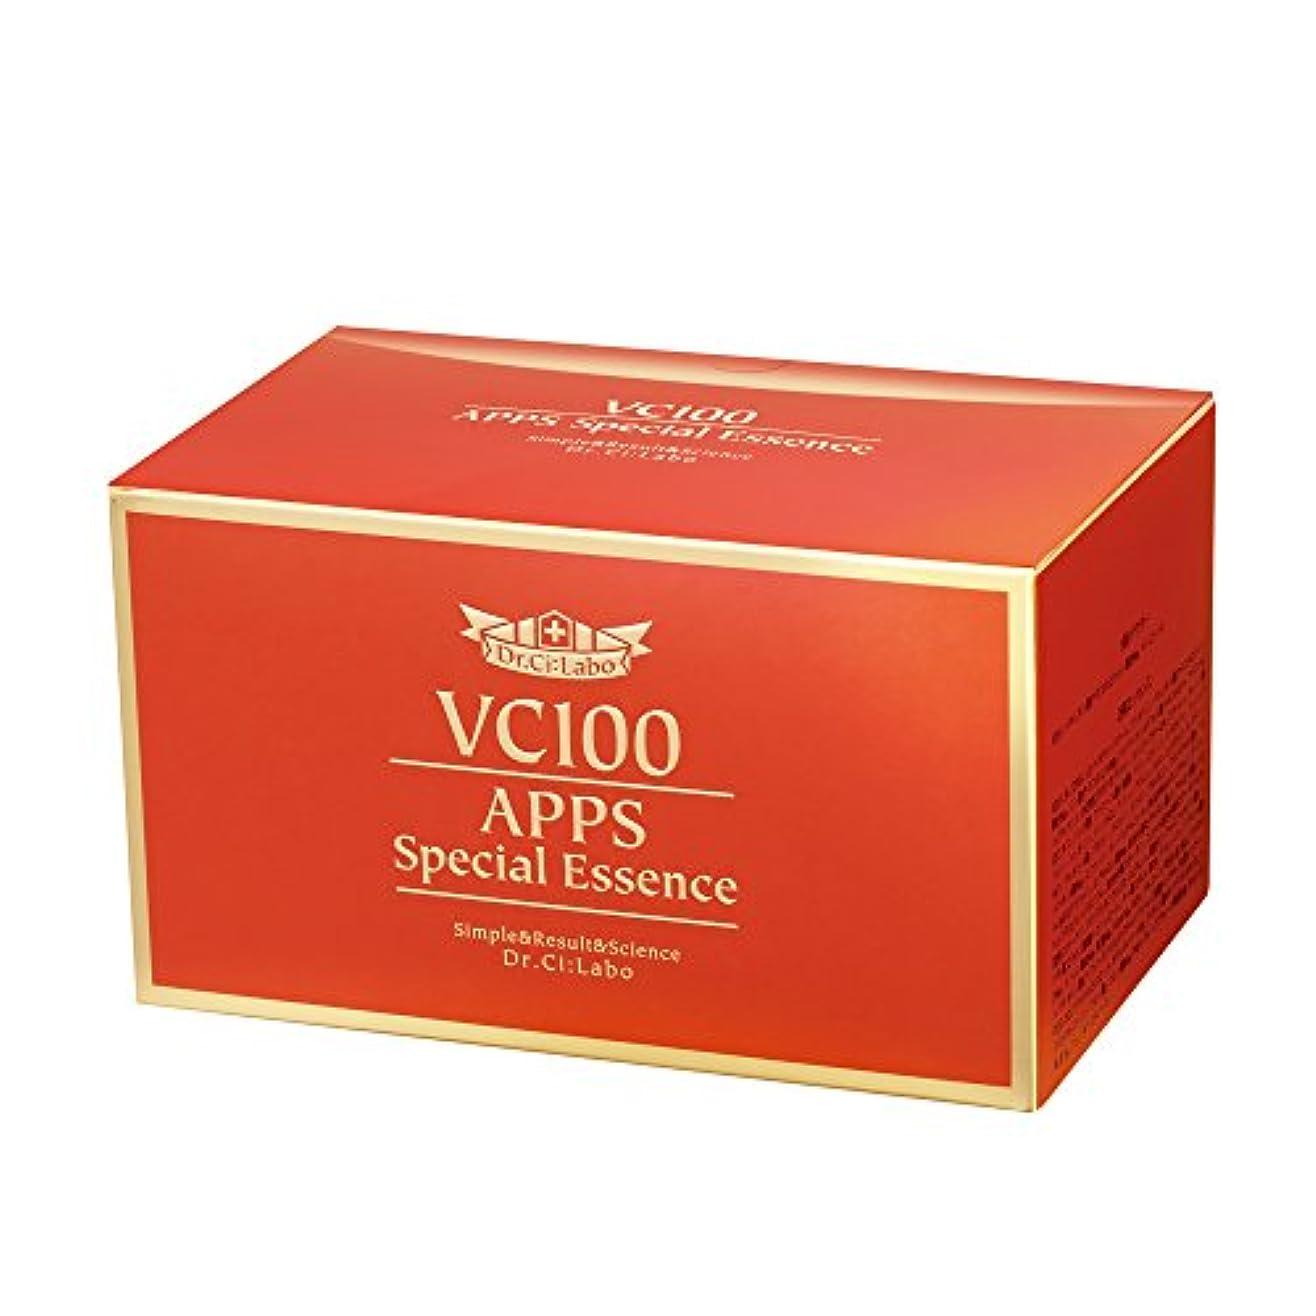 無駄にエイリアス思春期のドクターシーラボ VC100APPSスペシャルエッセンス 7日分×4セット 集中美容液